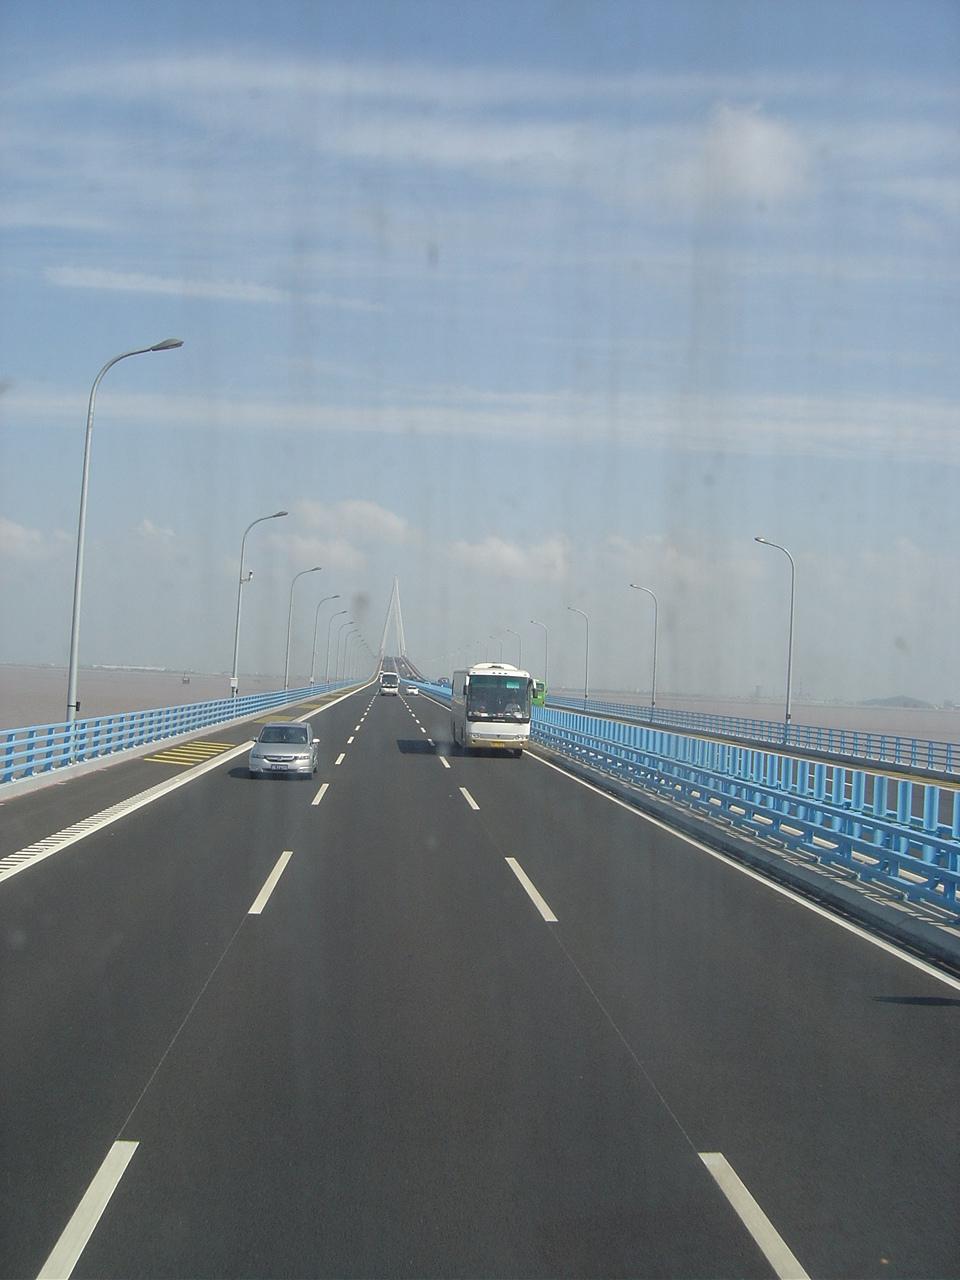 杭州湾跨海大桥,慈溪杭州湾跨海大桥攻略/地址/图片